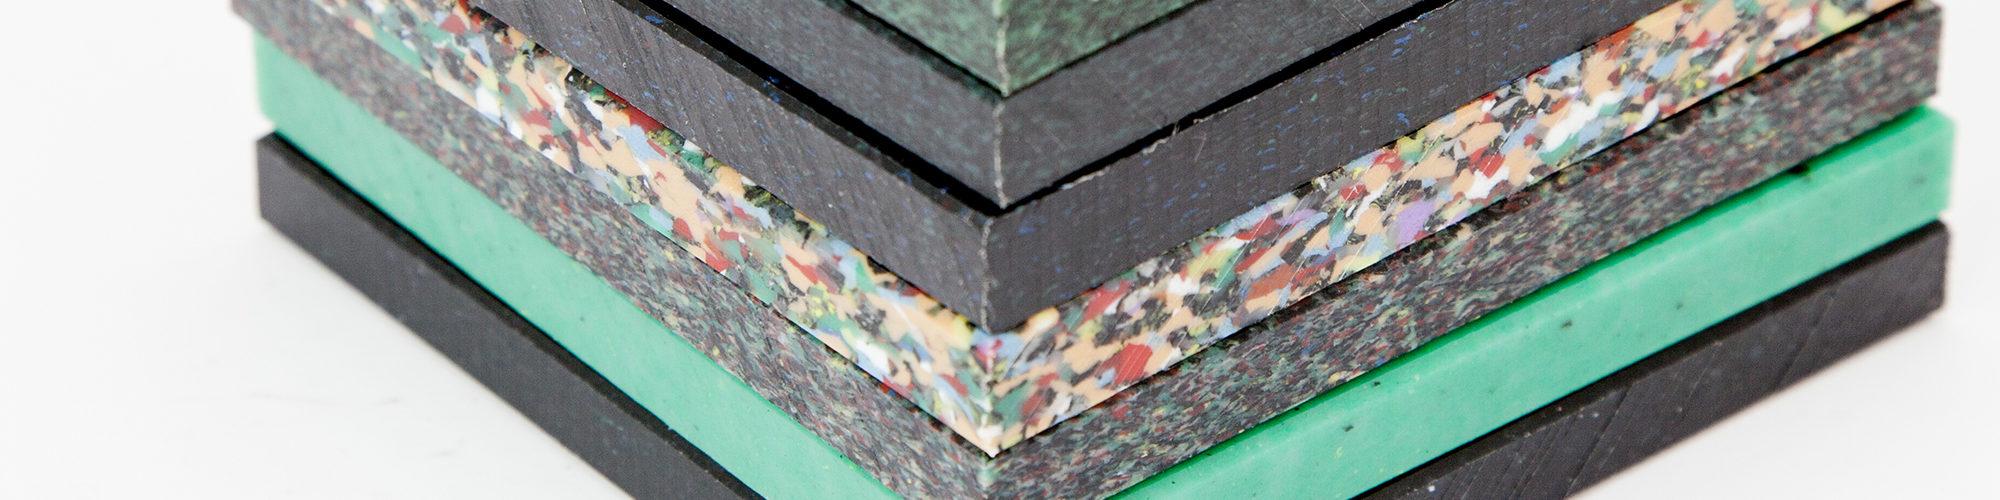 plancha de polietileno suministro